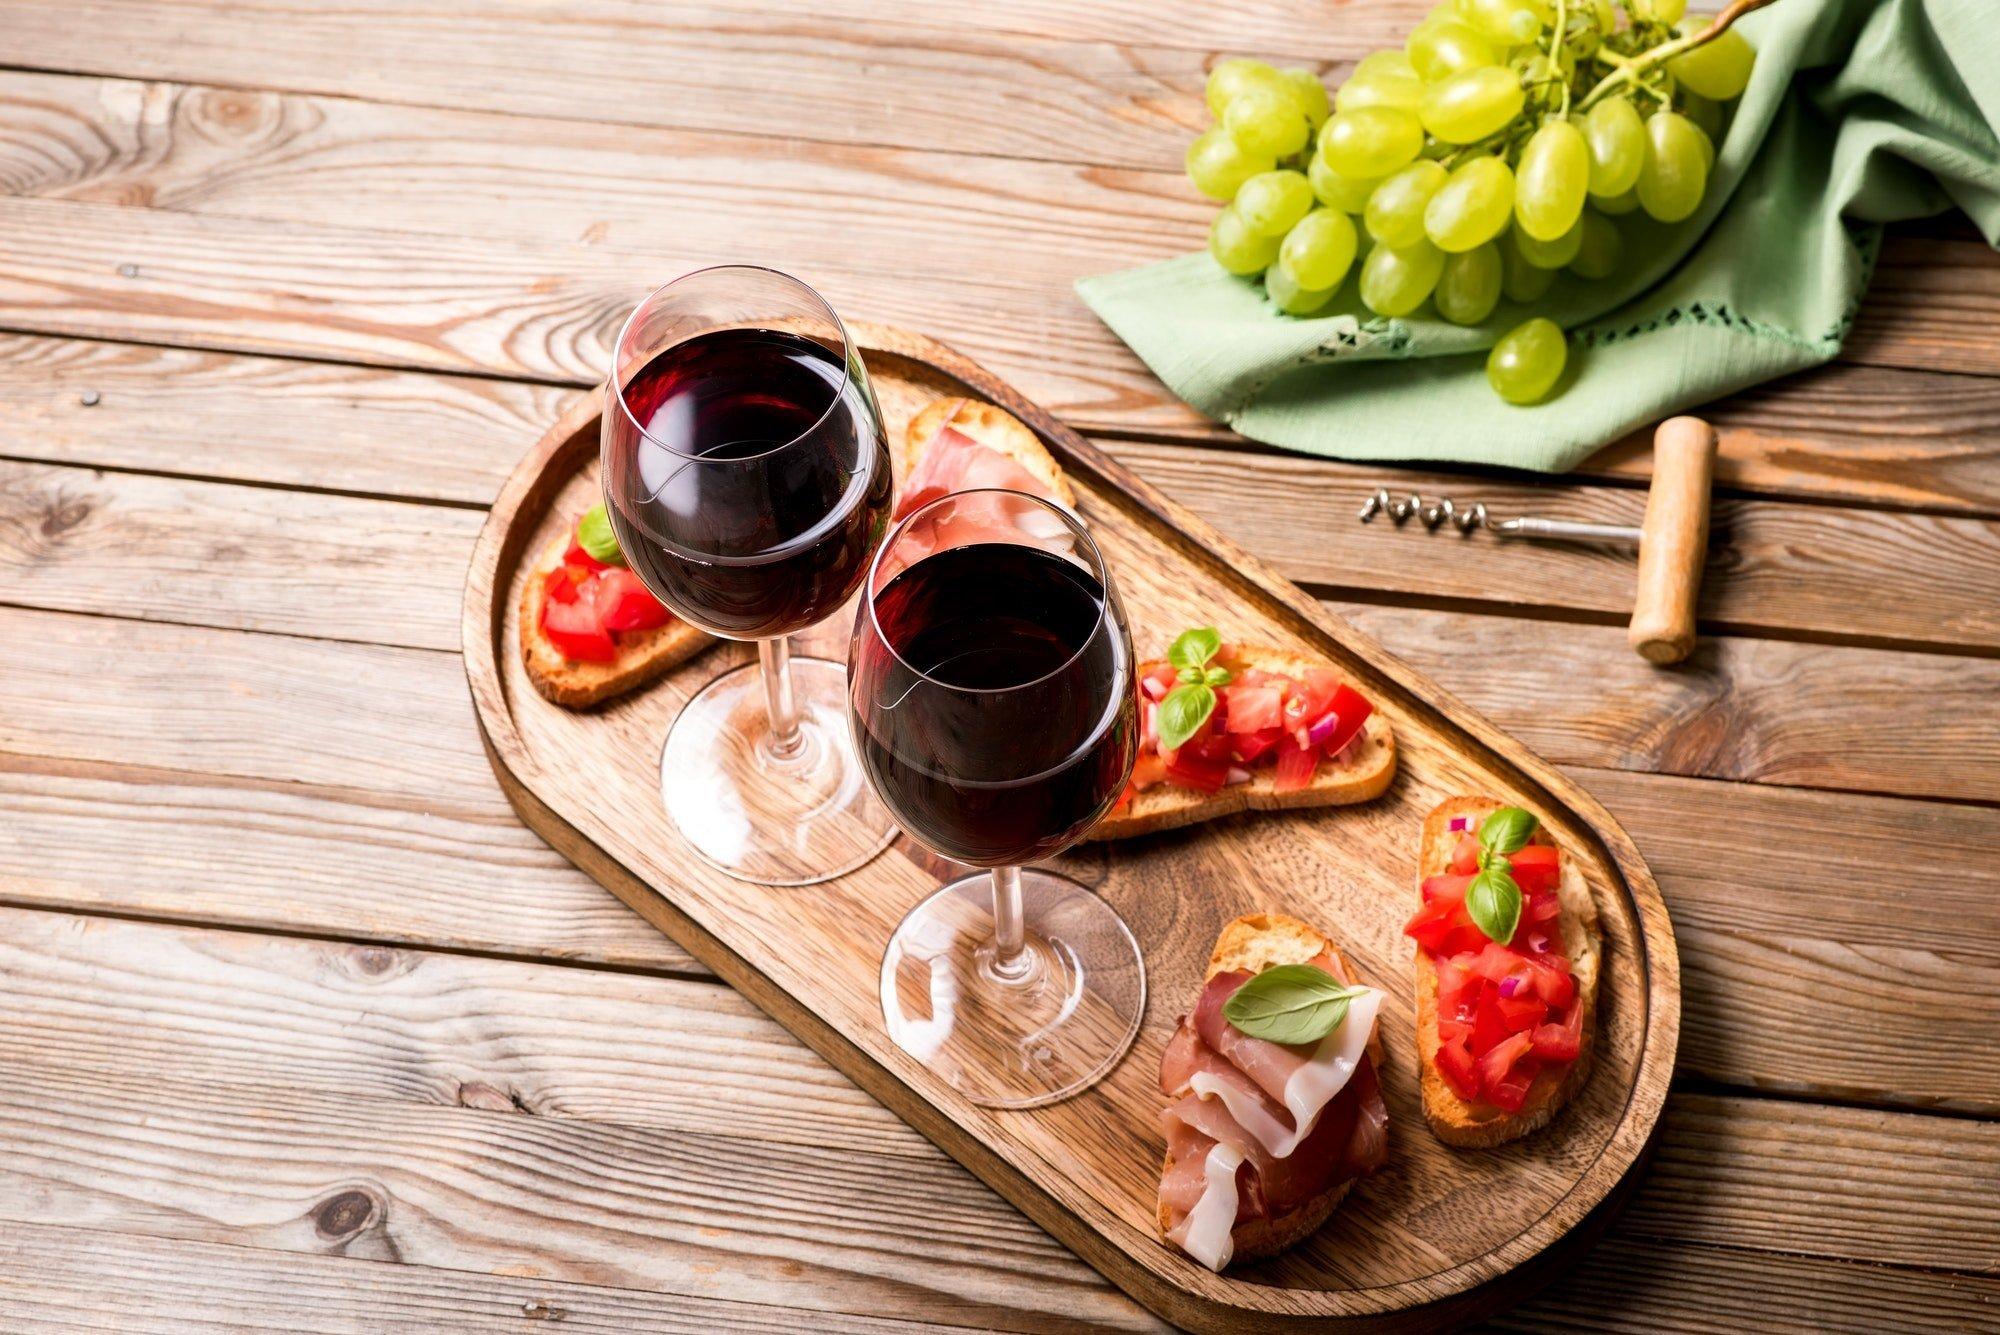 Red Wine and Bruscetta